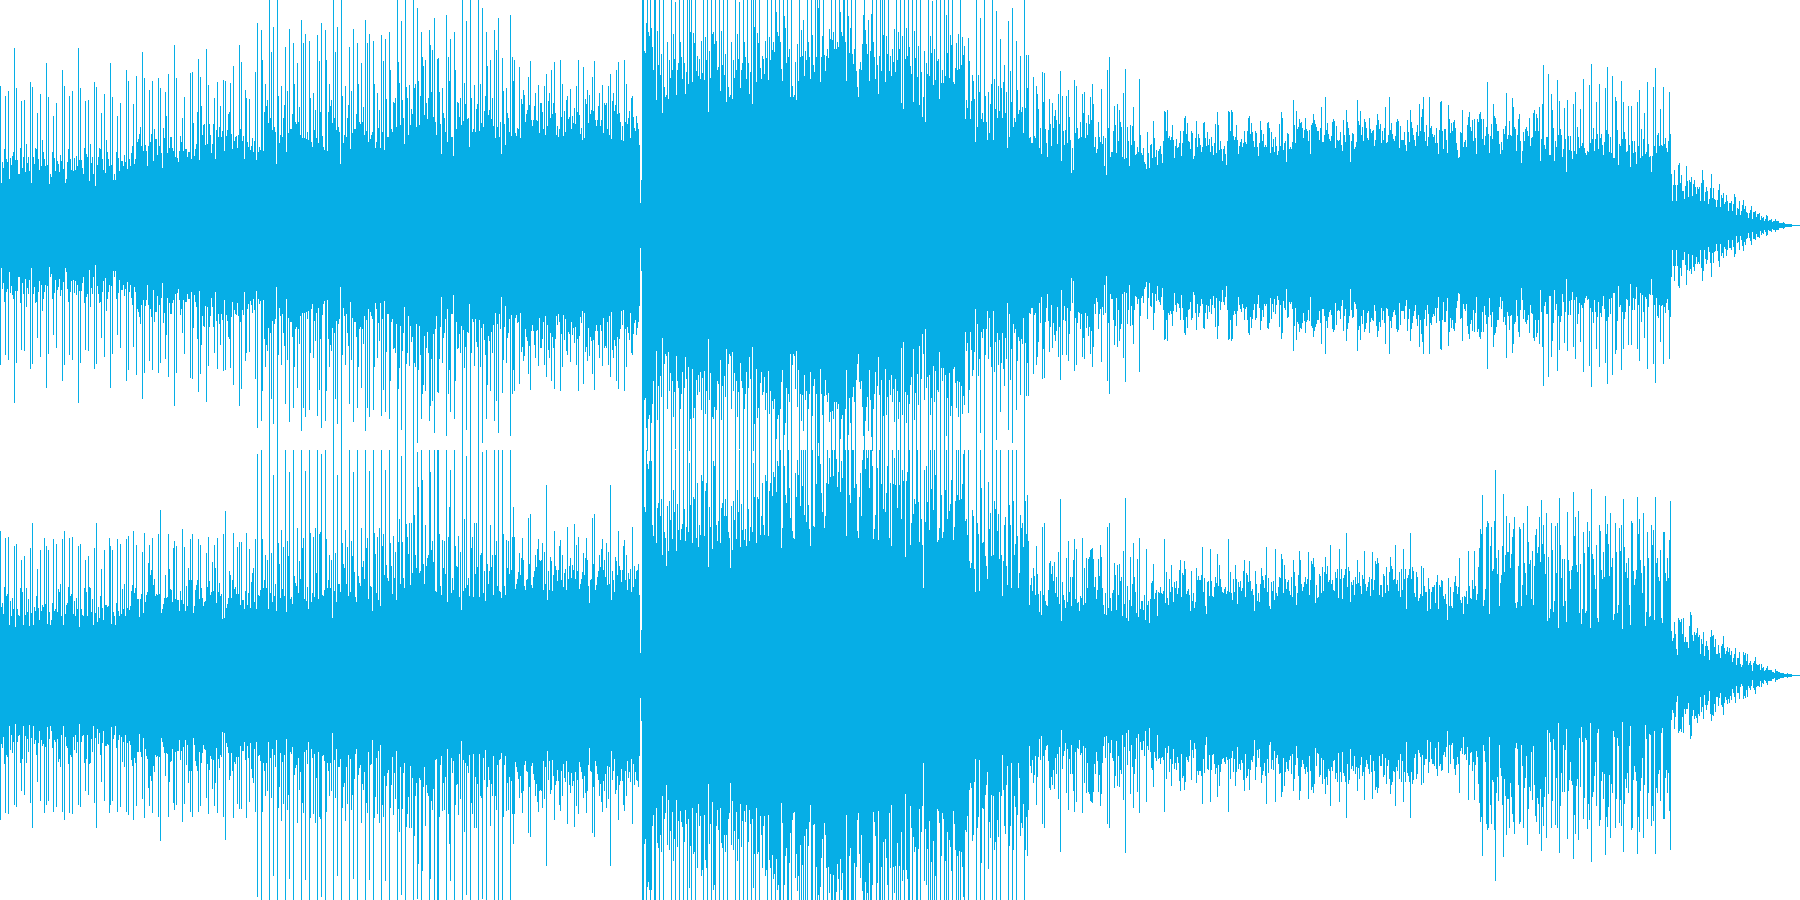 幻想的なチルアウトBGMの再生済みの波形